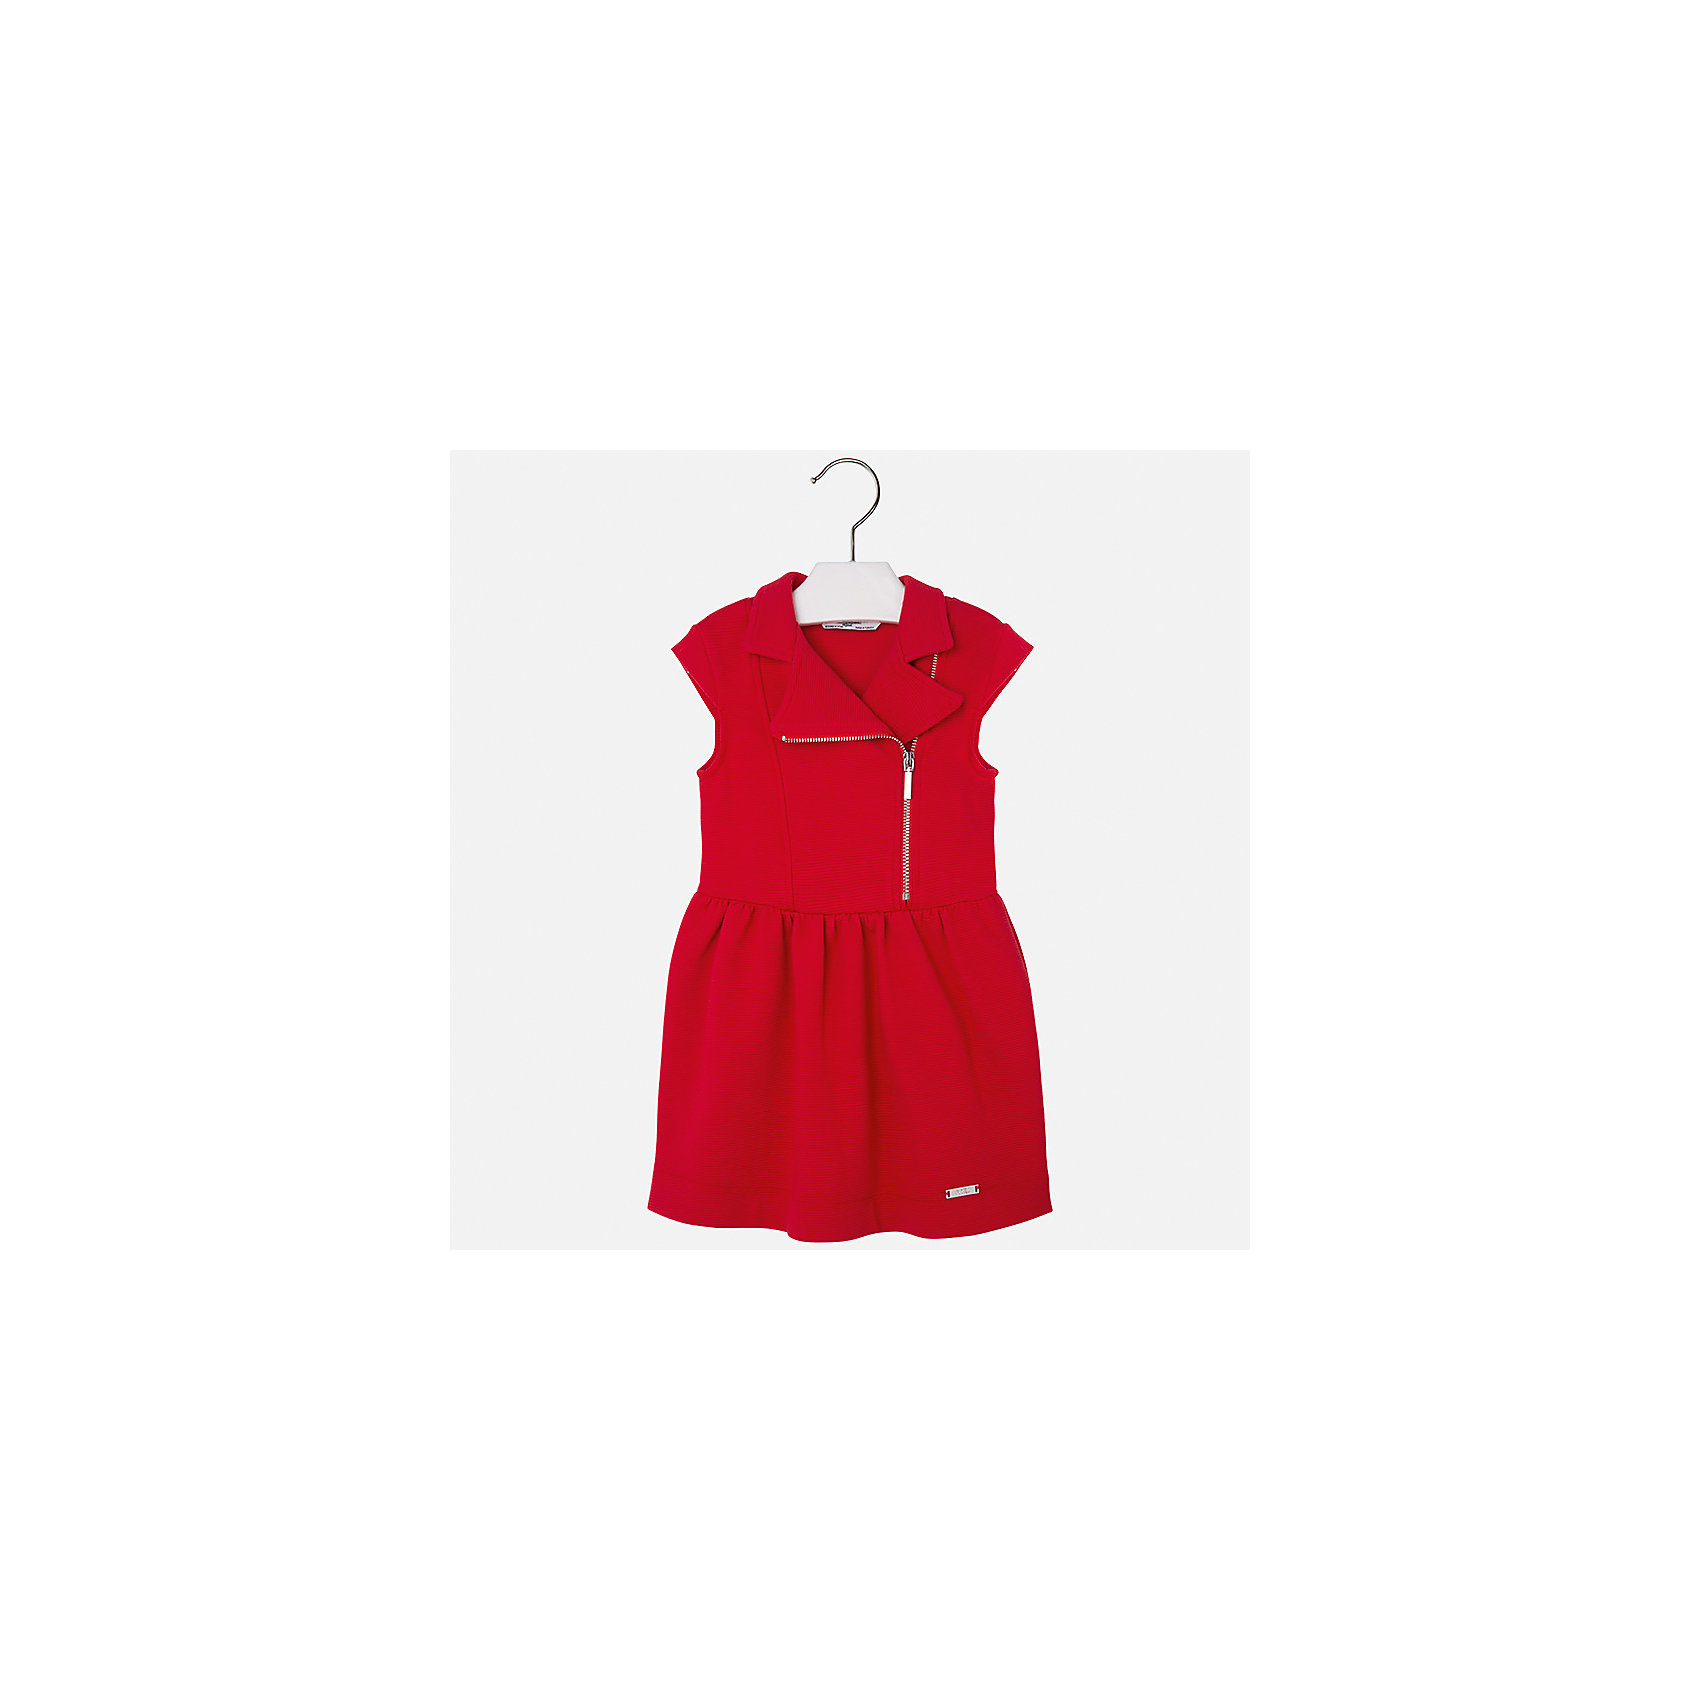 Платье для девочки MayoralПлатья и сарафаны<br>Характеристики товара:<br><br>• цвет: красный<br>• состав: 62% хлопок, 37% полиэстер, 1% эластан<br>• молния<br>• приталенный силуэт<br>• короткие рукава<br>• металлический логотип<br>• страна бренда: Испания<br><br>Стильное платье для девочки поможет разнообразить гардероб ребенка и создать эффектный наряд. Оно подойдет для различных случаев. Красивый оттенок позволяет подобрать к вещи обувь разных расцветок. Платье хорошо сидит по фигуре. В составе материала - натуральный хлопок, гипоаллергенный, приятный на ощупь, дышащий.<br><br>Одежда, обувь и аксессуары от испанского бренда Mayoral полюбились детям и взрослым по всему миру. Модели этой марки - стильные и удобные. Для их производства используются только безопасные, качественные материалы и фурнитура. Порадуйте ребенка модными и красивыми вещами от Mayoral! <br><br>Платье для девочки от испанского бренда Mayoral (Майорал) можно купить в нашем интернет-магазине.<br><br>Ширина мм: 236<br>Глубина мм: 16<br>Высота мм: 184<br>Вес г: 177<br>Цвет: красный<br>Возраст от месяцев: 96<br>Возраст до месяцев: 108<br>Пол: Женский<br>Возраст: Детский<br>Размер: 134,110,116,122,128<br>SKU: 5300614